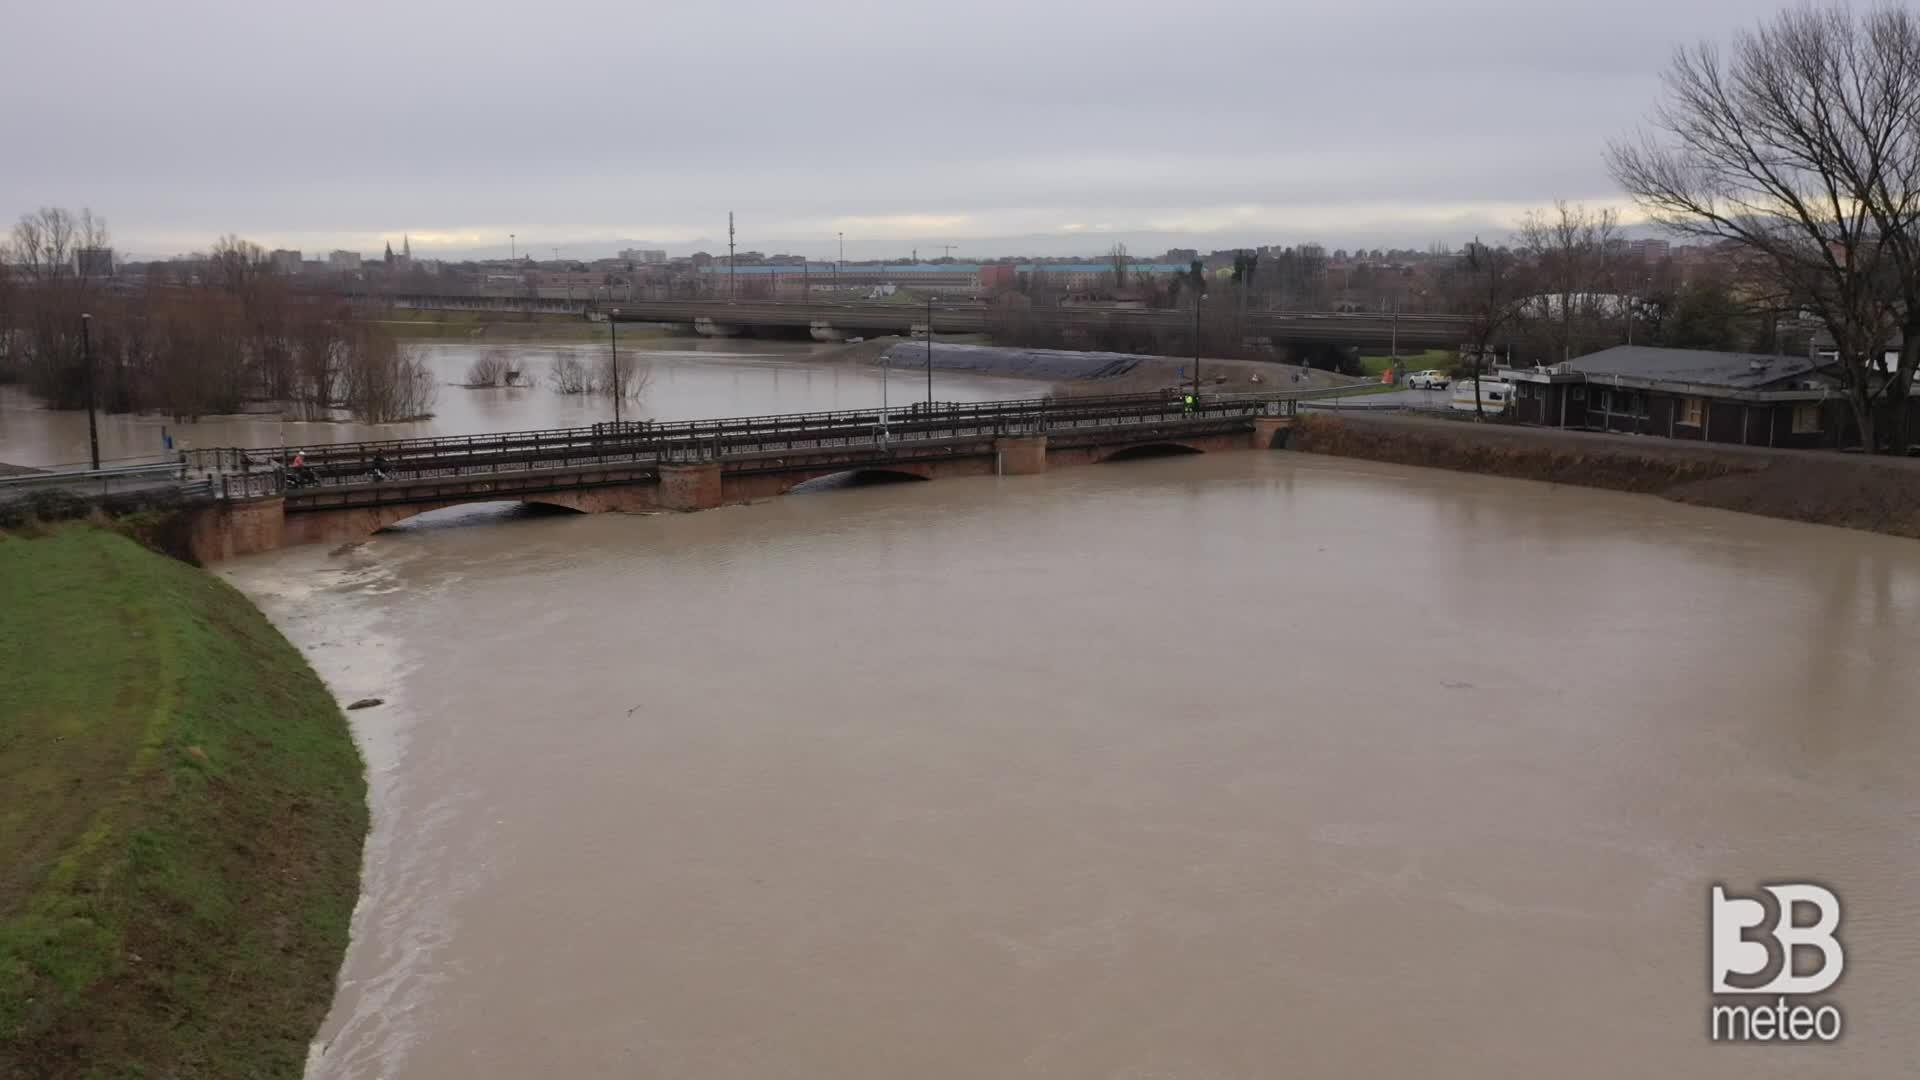 Maltempo, allerta fiume Secchia: le immagini dal drone